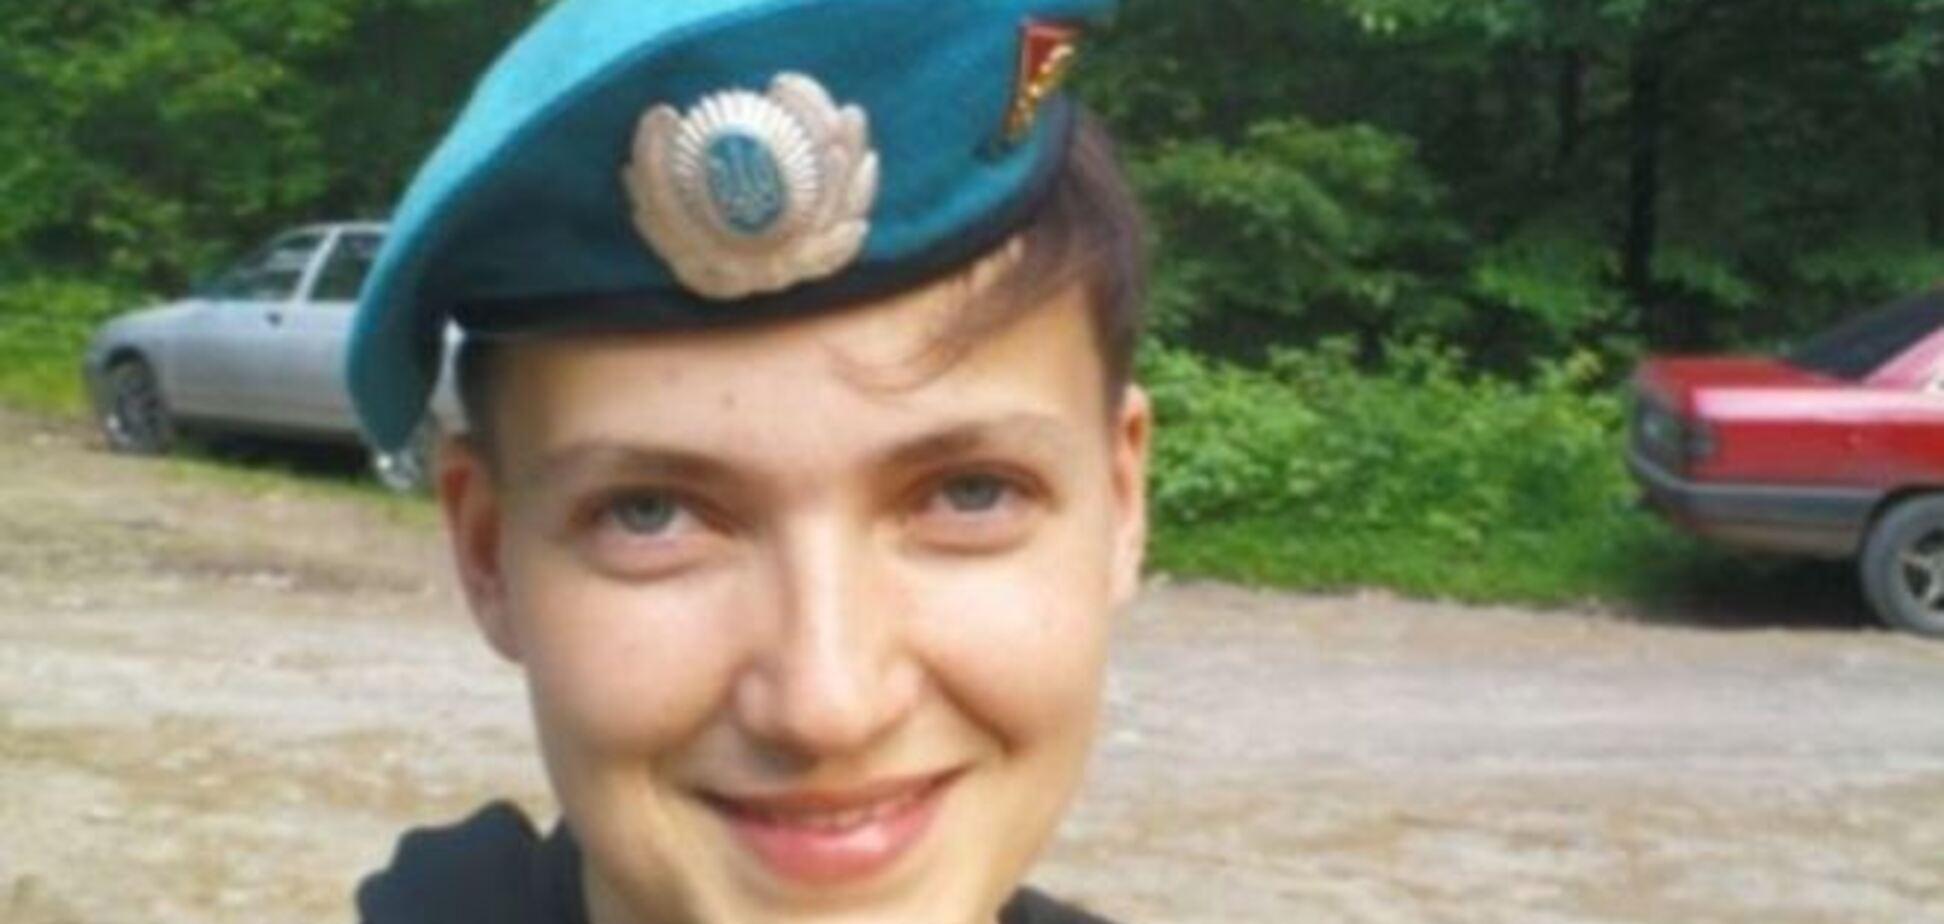 Надежду Савченко вывезли из СИЗО в неизвестном направлении